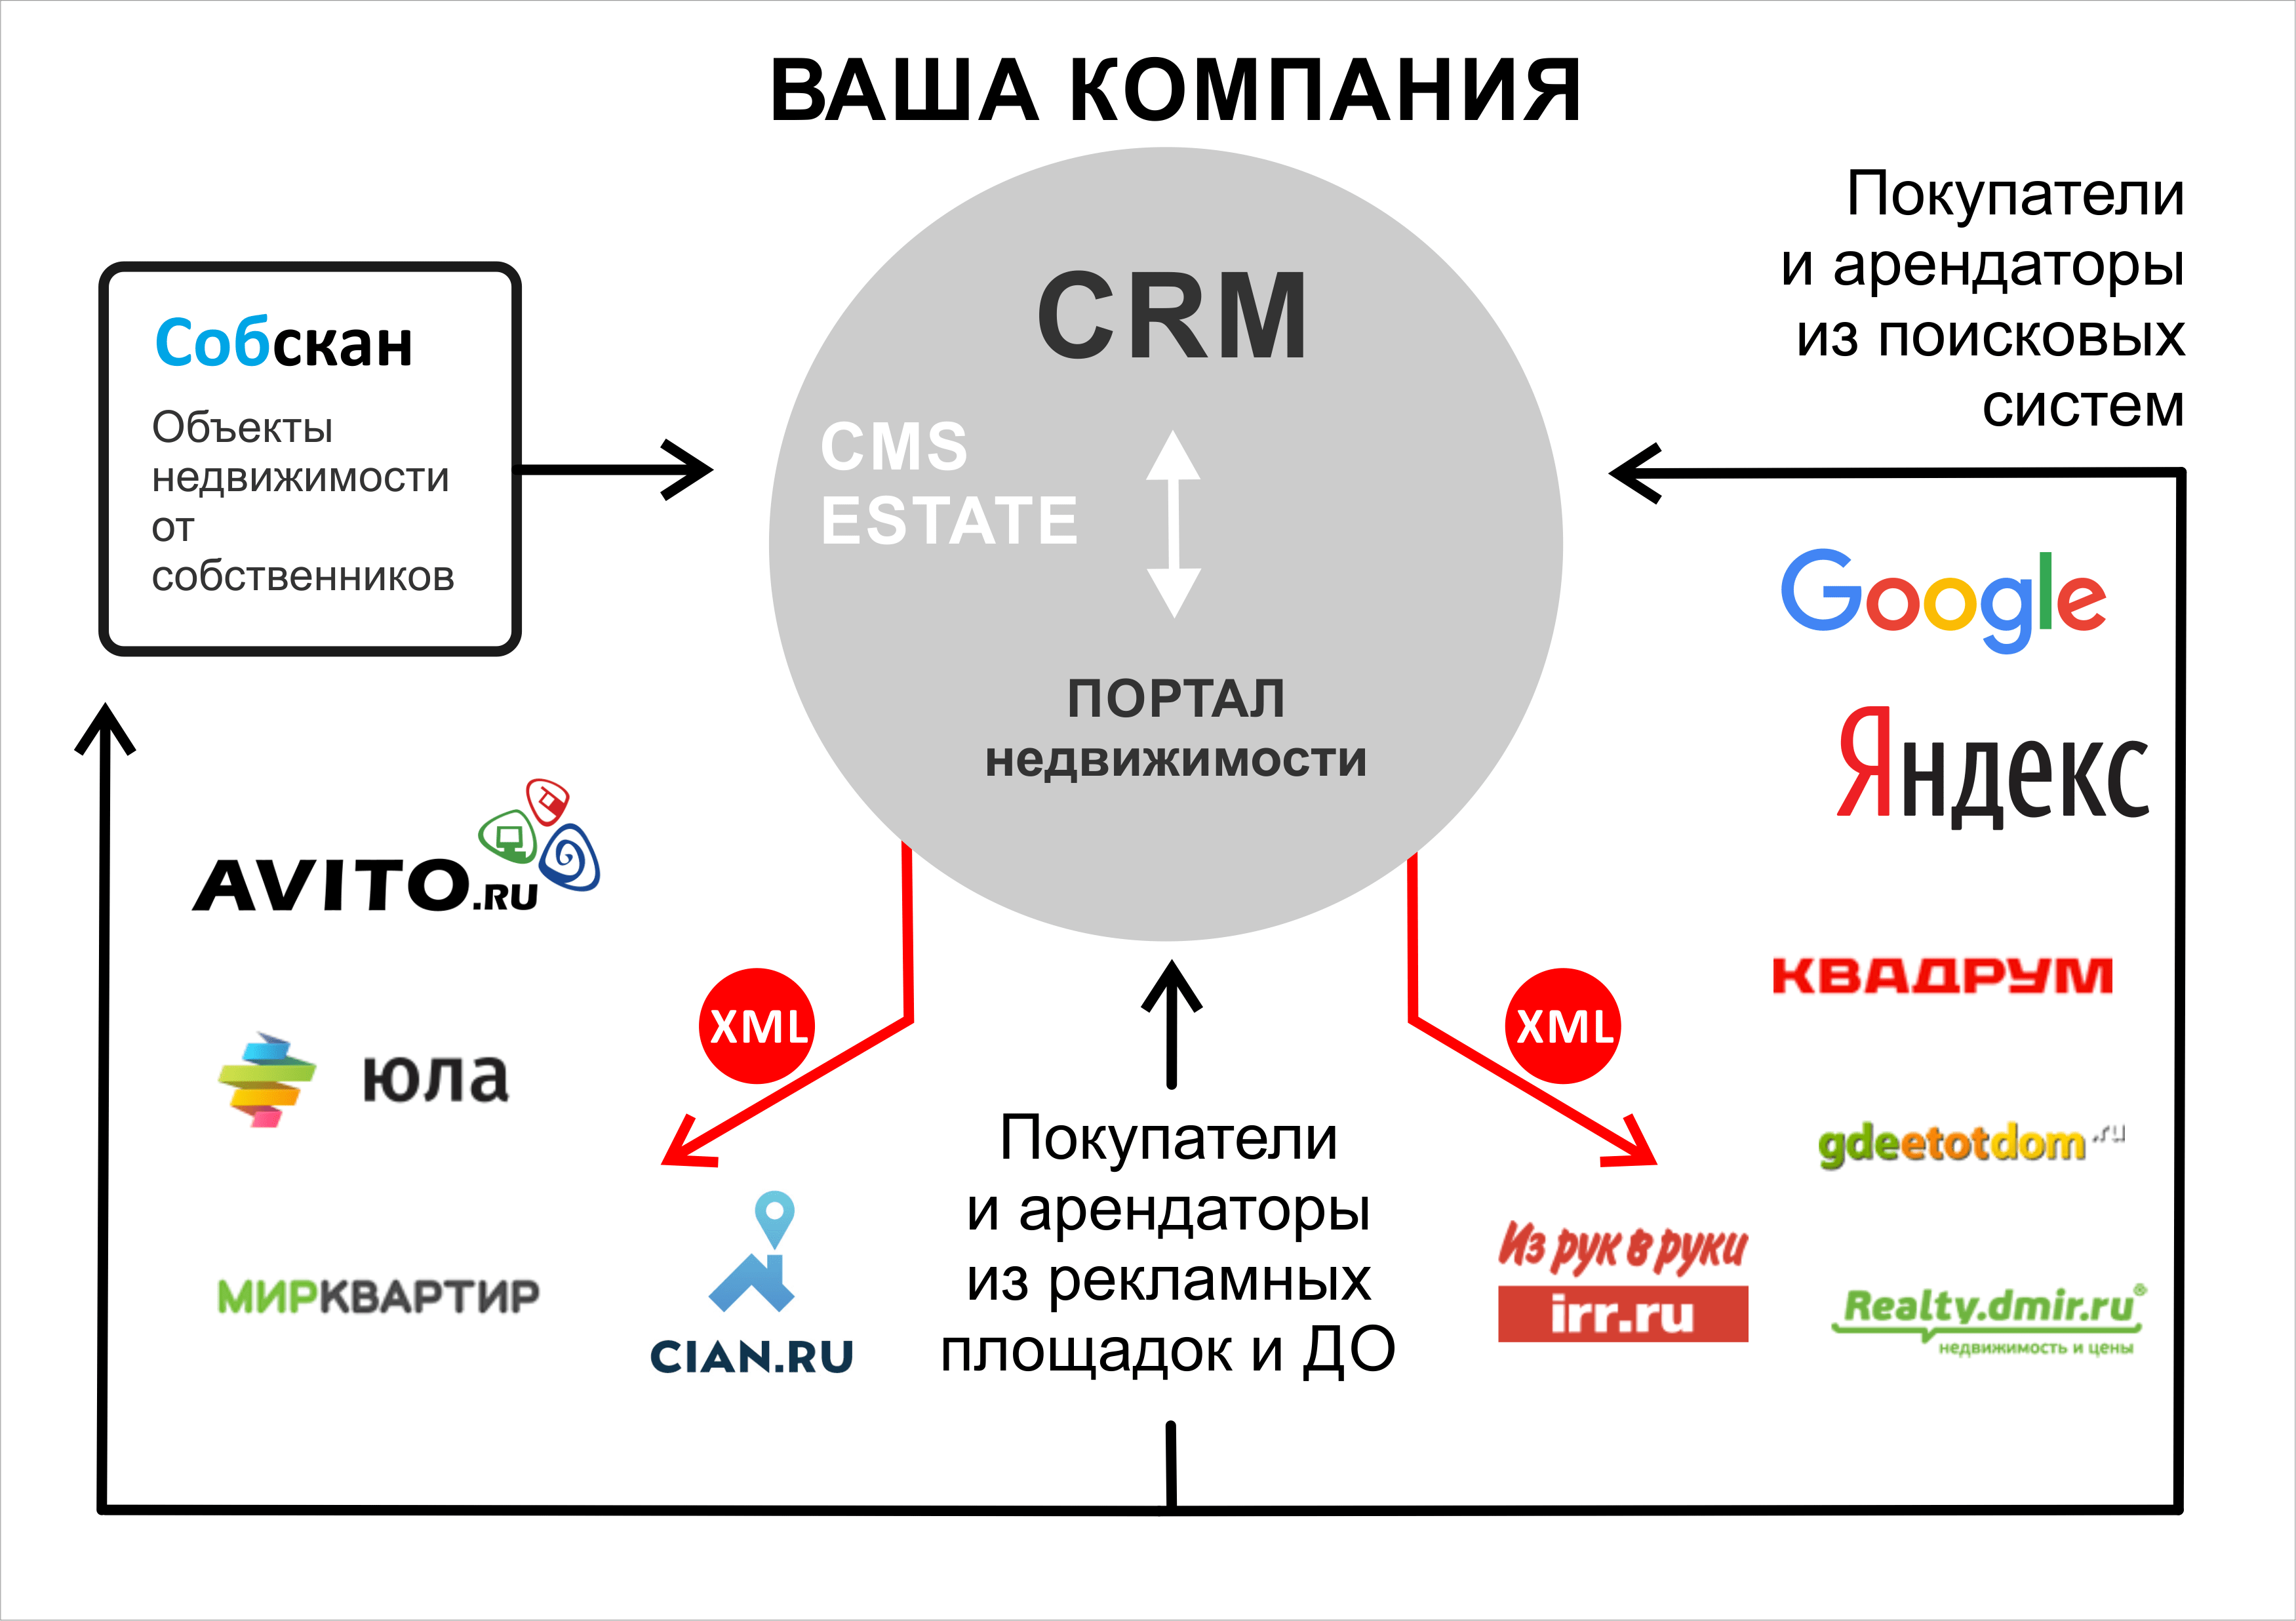 Crm-cистемы - что это такое? обзор + рейтинг лучших!